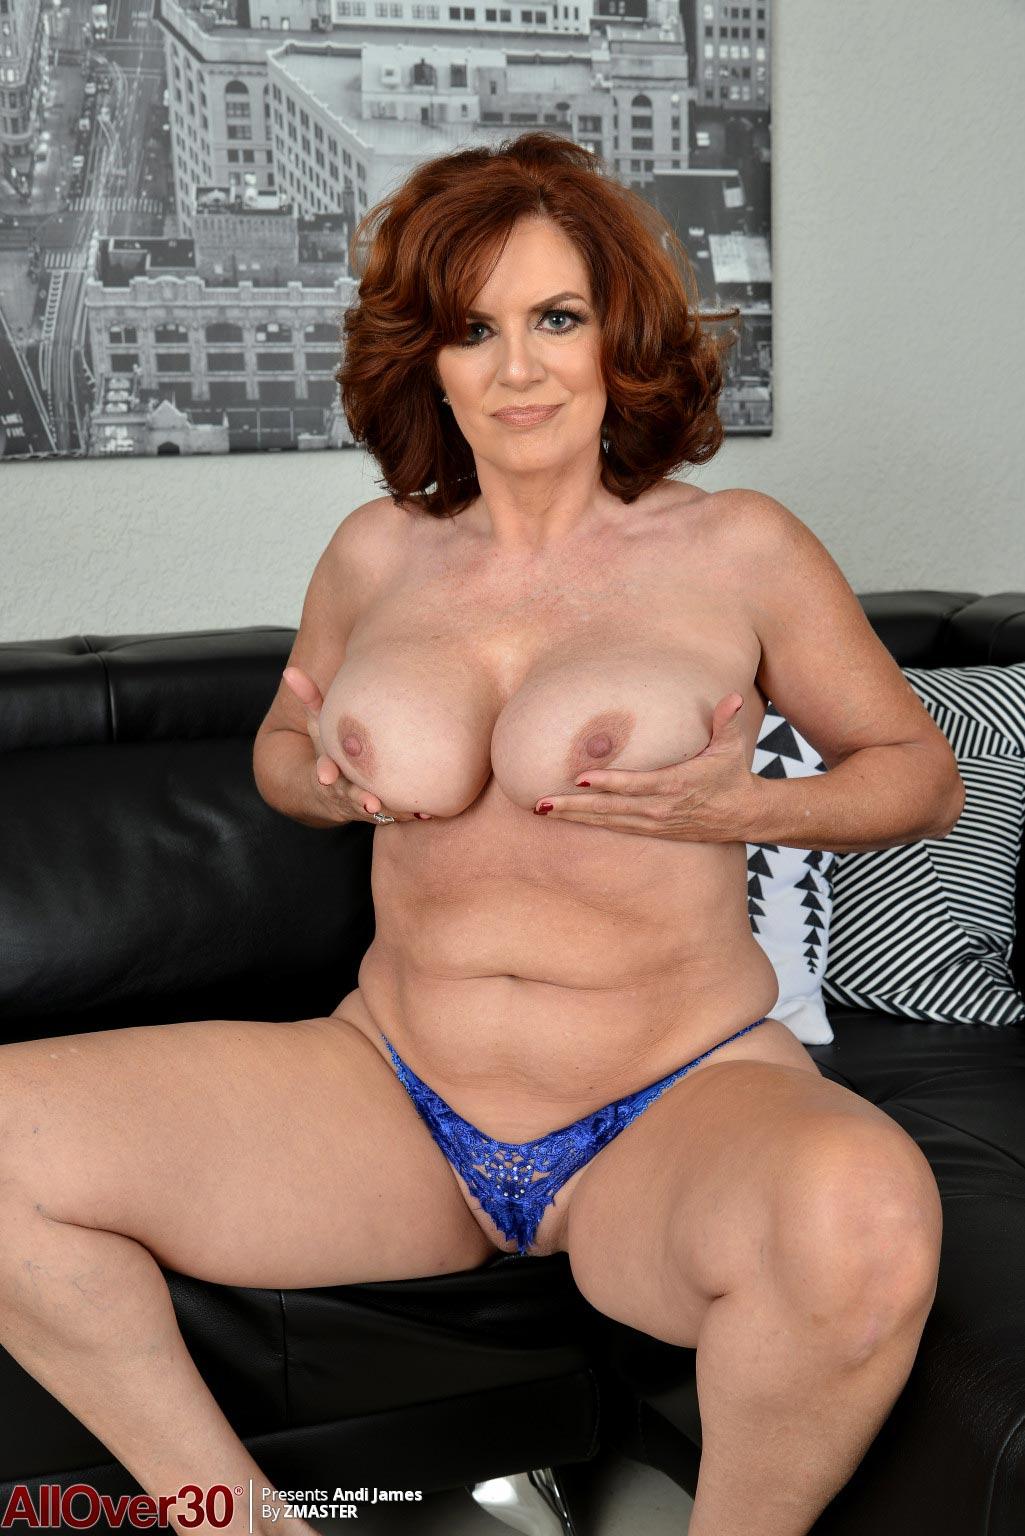 Ashley cum star porn